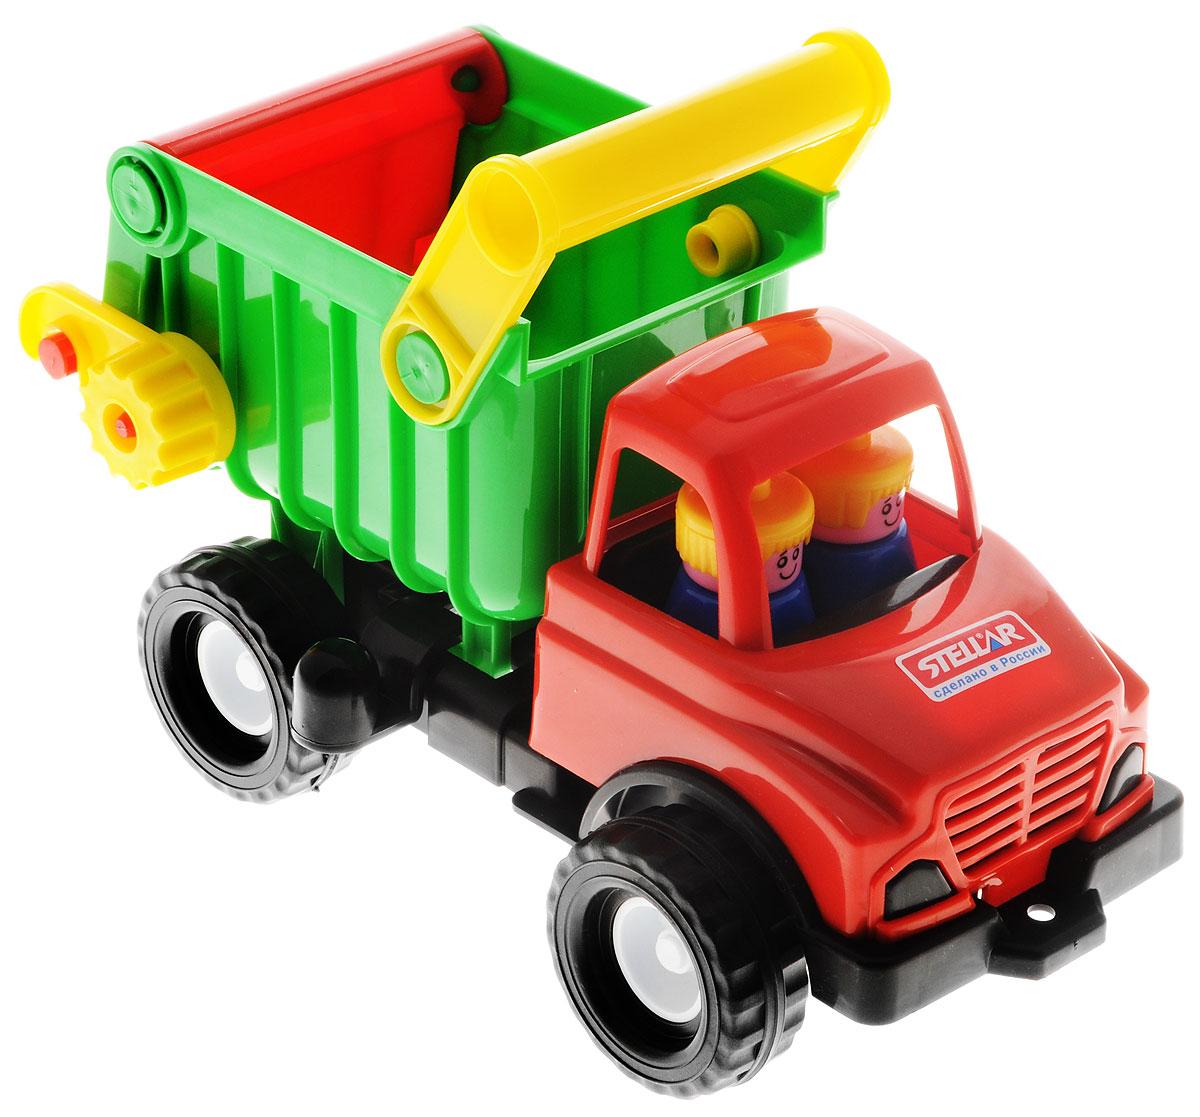 Stellar Грузовик цвет красный зеленый черный1401_красный, зеленый, черныйГрузовик Stellar отлично подойдет ребенку для различных игр. Вместительный кузов машины поднимается и опускается, задняя стенка кузова открывается. В кабине без стекол находятся две фигурки. Большие ребристые колеса обеспечивают машине устойчивость и хорошую проходимость. А еще машину можно возить за веревочку - для этого предусмотрено отверстие на бампере грузовика. Грузовик выполнен из прочного полипропилена, который позволяет выдерживать большие нагрузки. Ваш юный строитель сможет прекрасно провести время дома или на улице, подвозя к месту игрушечной стройки необходимые предметы на этом красочном грузовике.